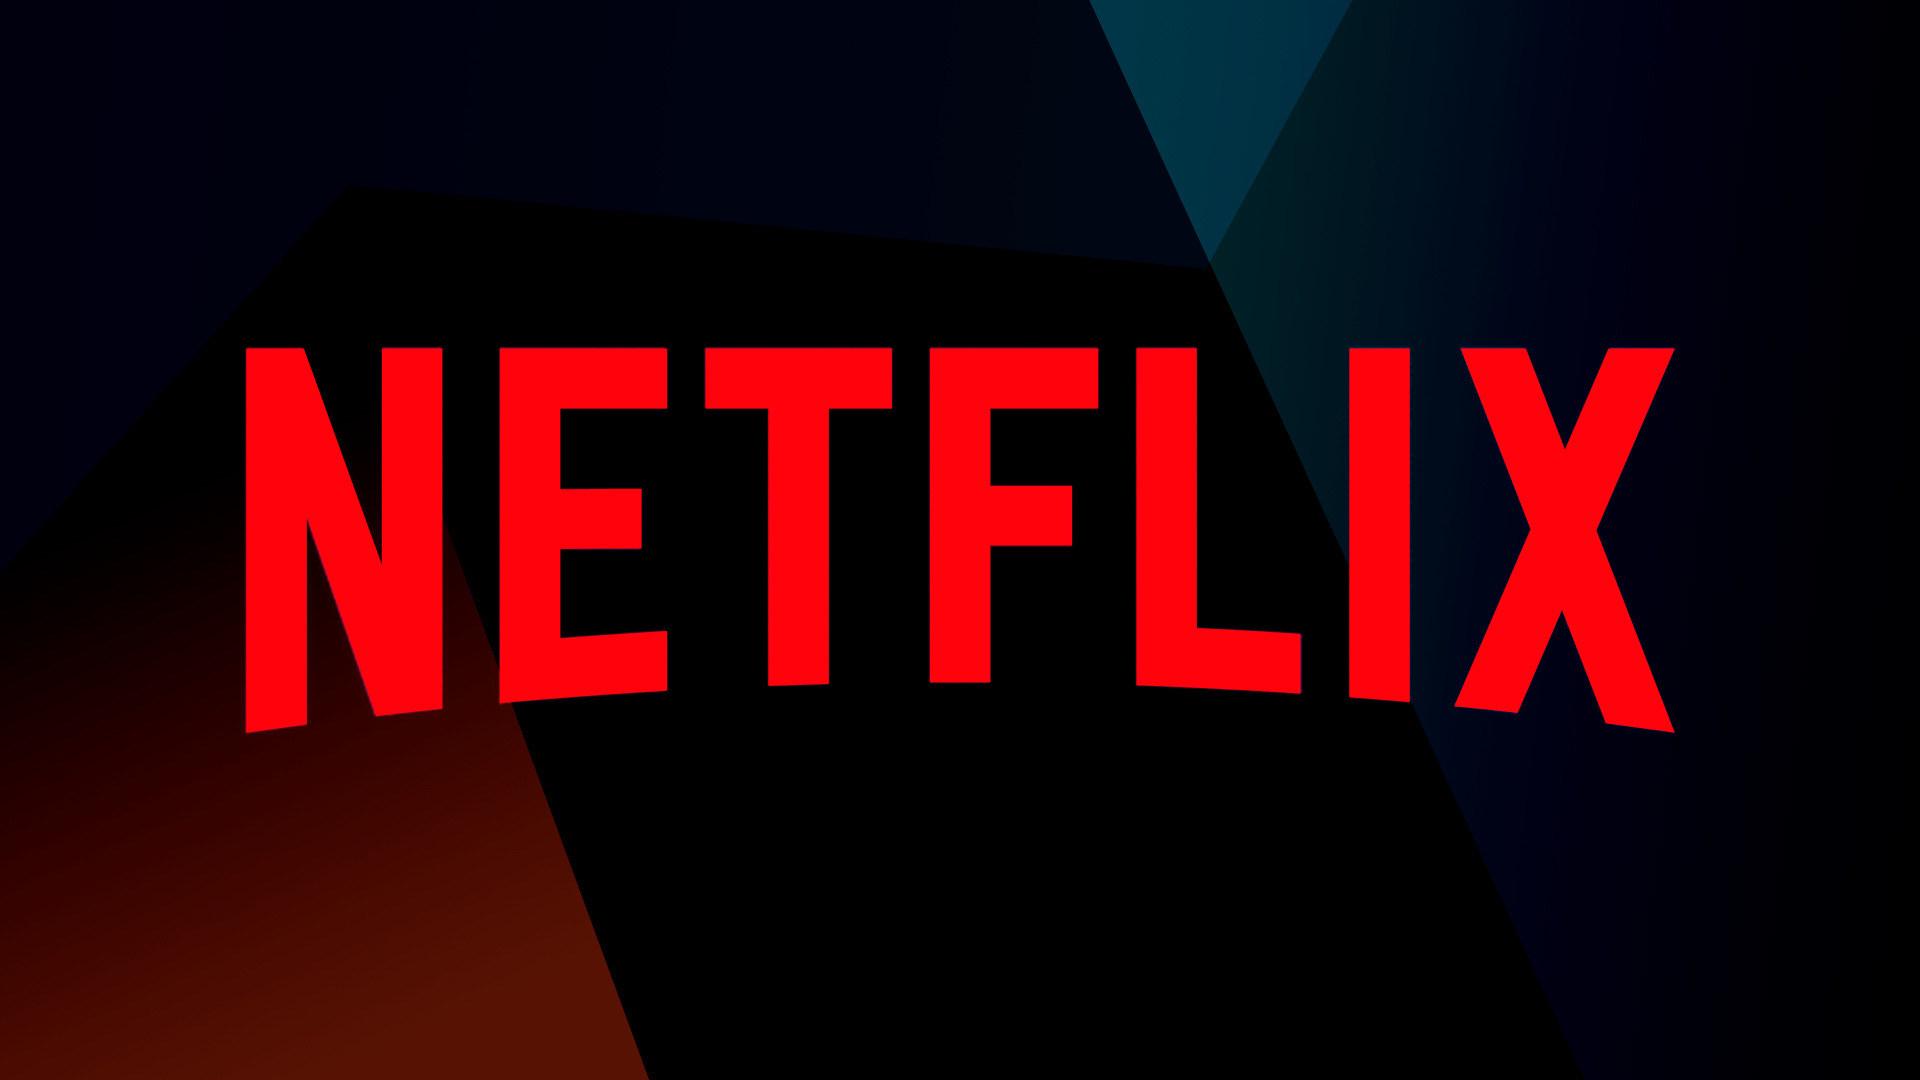 Streaming, Video, Logo, Tv, Fernsehen, Stream, Netflix, Videoplattform, Serie, Filme, Serien, Streamingportal, Videostreaming, Netflix Deutschland, Netflix Originals, Binge Watching, Netflix Logo